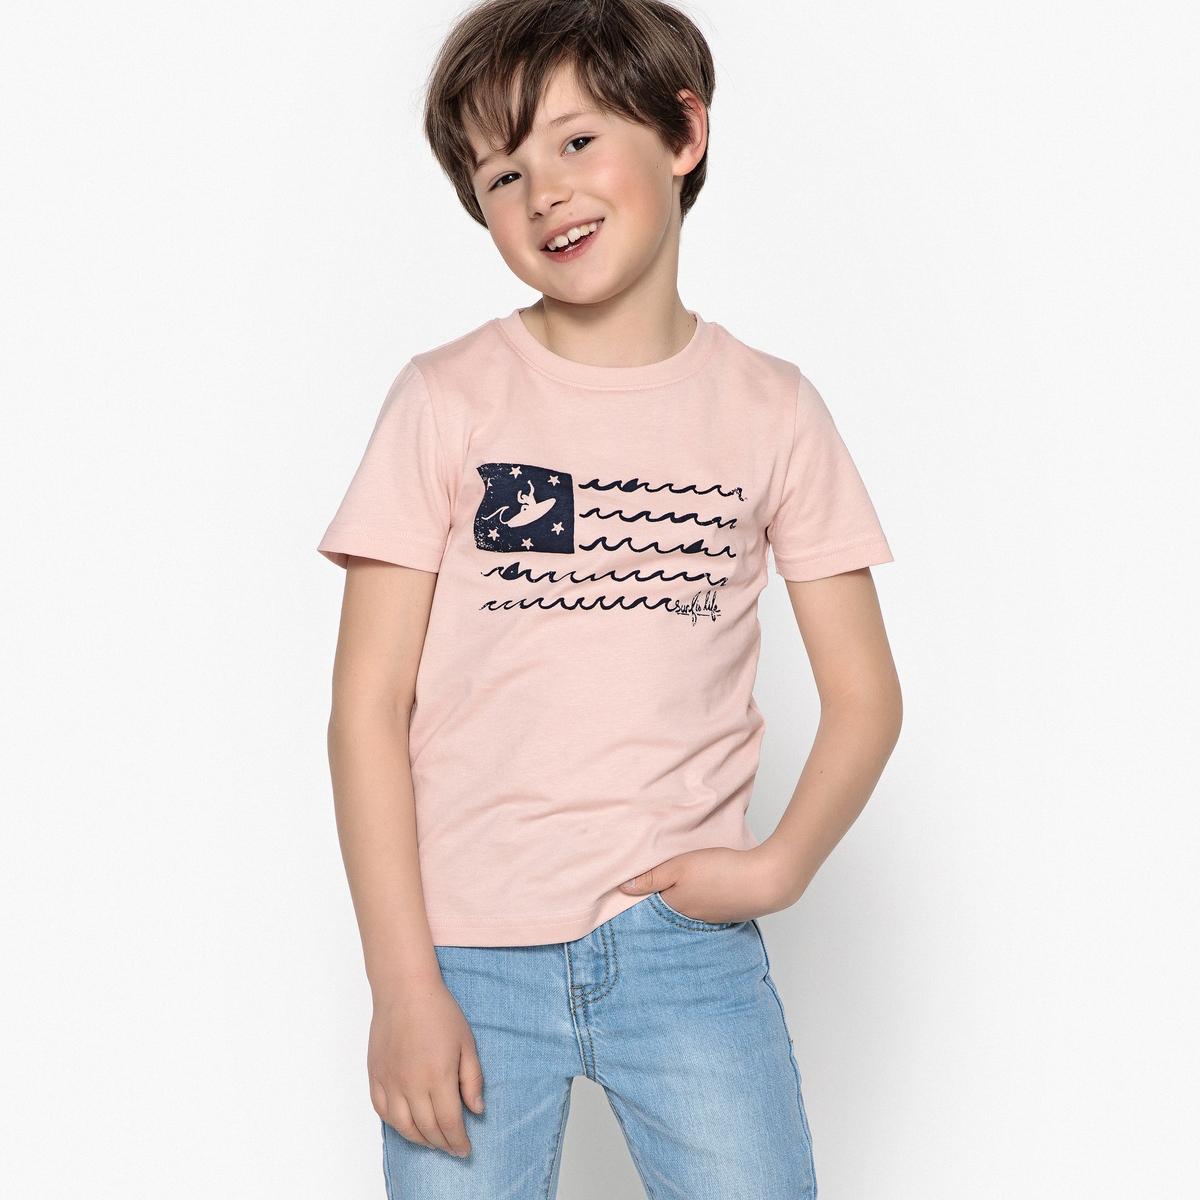 Футболка с рисунком из хлопка, 3-12 лет футболка с рисунком ананас 100% хлопка для от 1 месяца до 3 лет